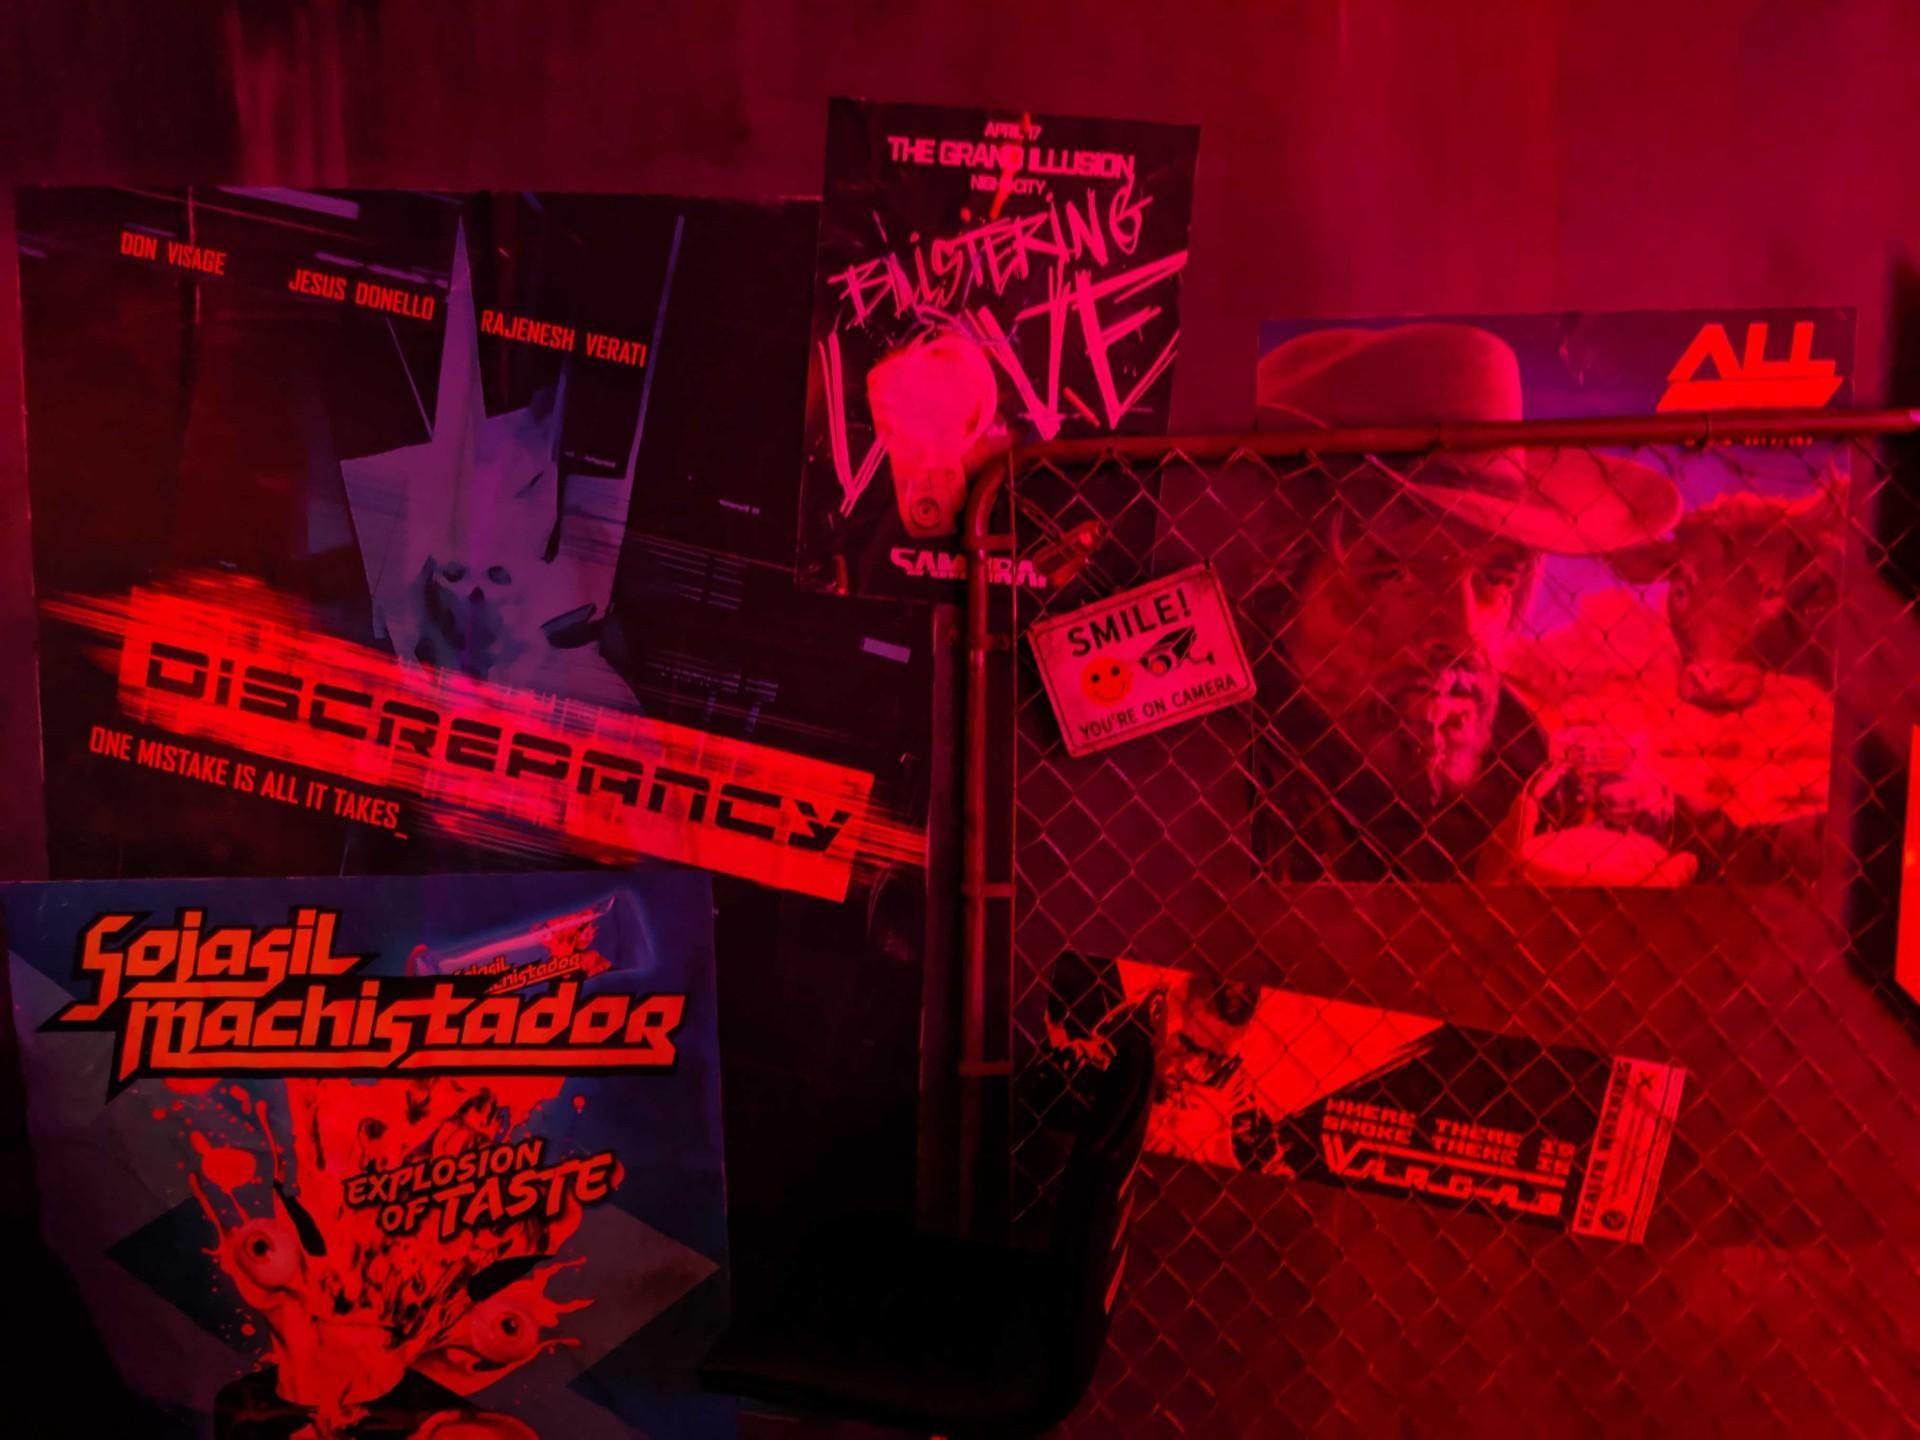 《赛博朋克2077》E3展台现场图 夜店酒吧酷炫无比